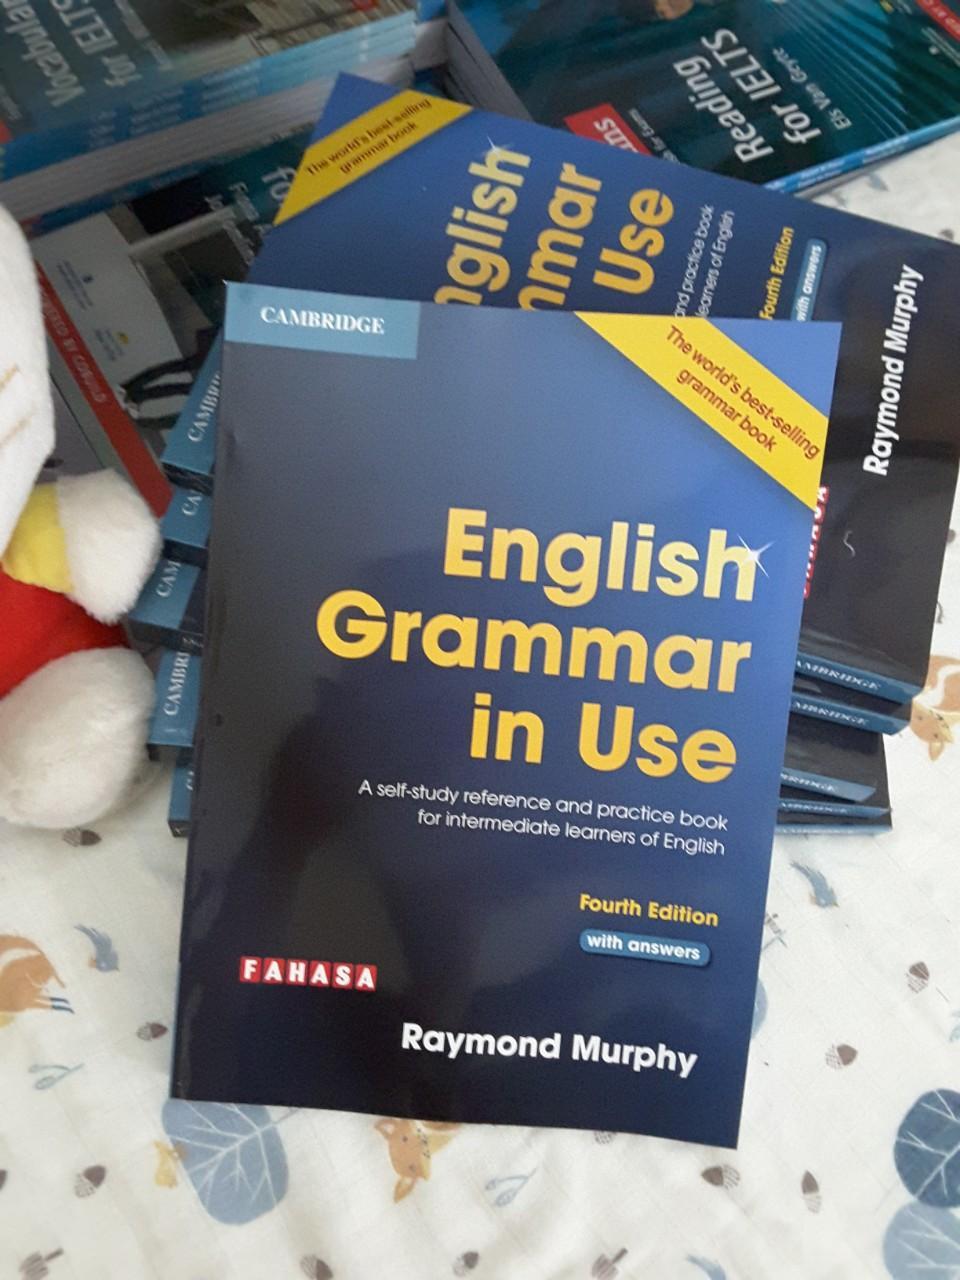 English Grammar In Use - IN Đen Trắng - FILE Gửi Gmail Không Thể Rẻ Hơn tại Lazada